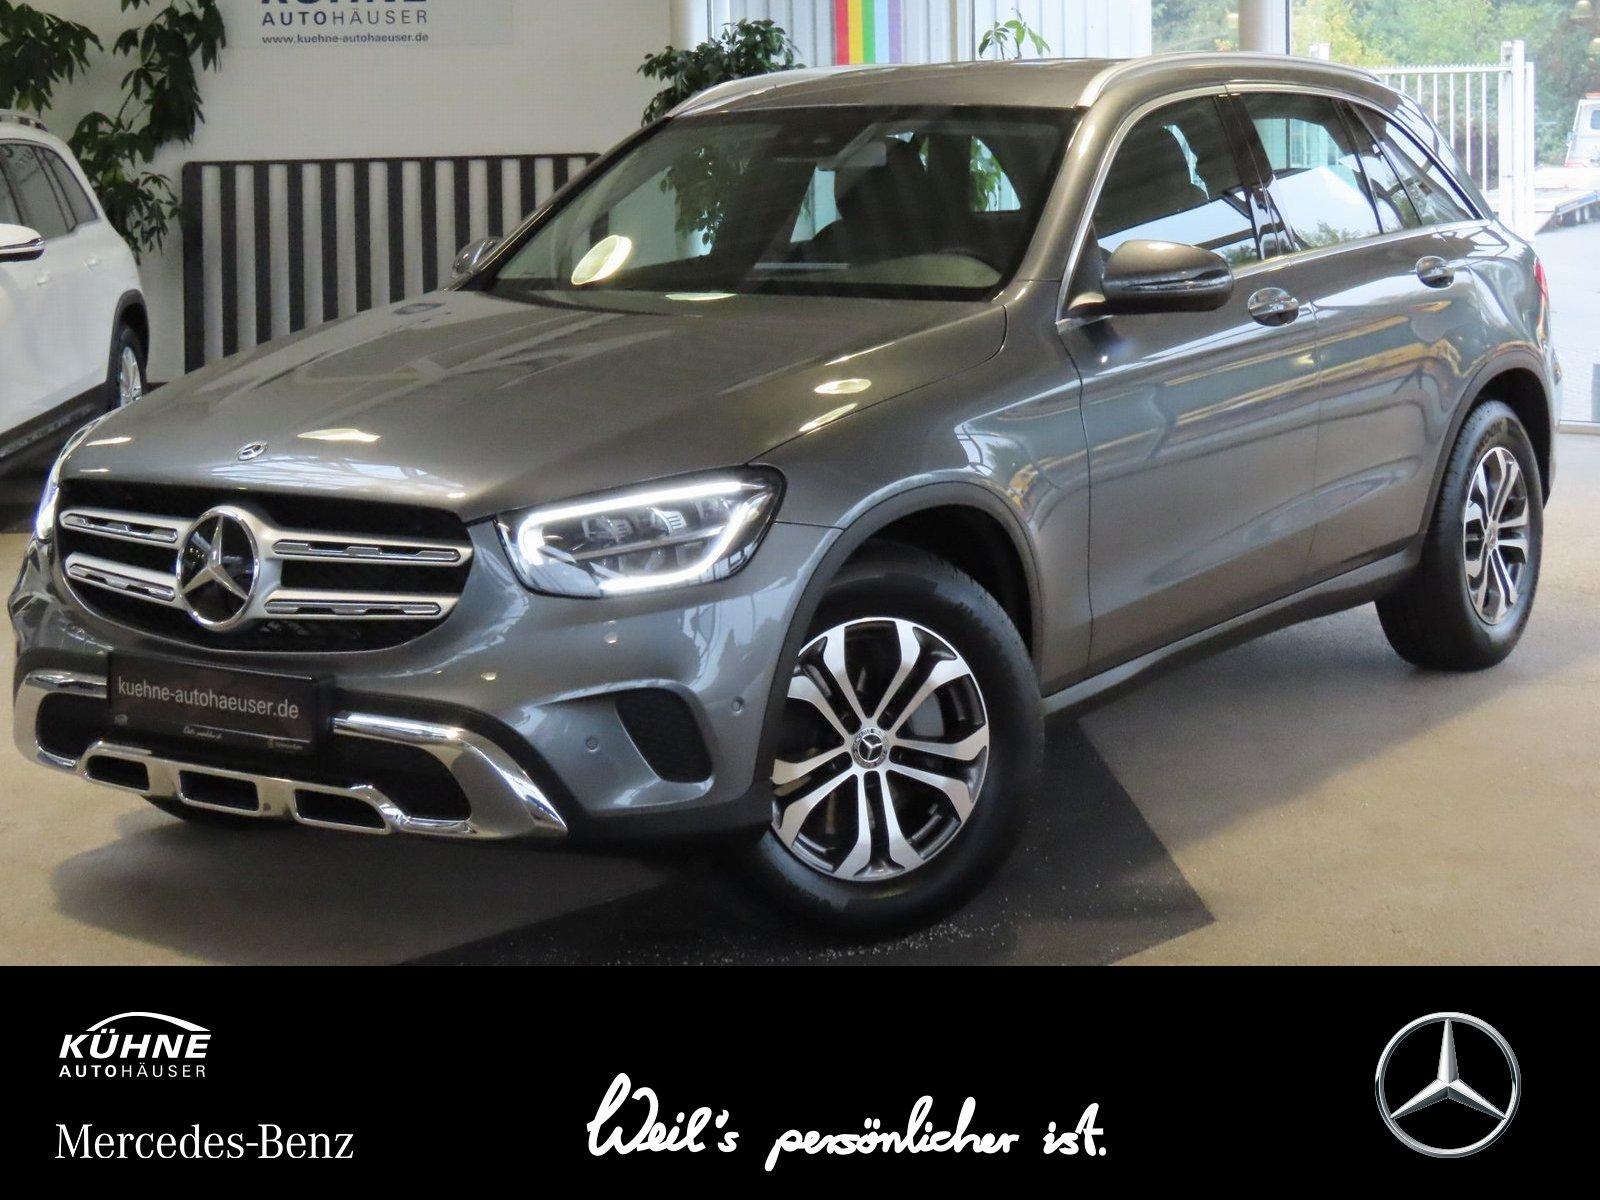 Mercedes-Benz GLC 200 4M+Business Paket+Advanced+EasyHeck, Jahr 2020, Benzin